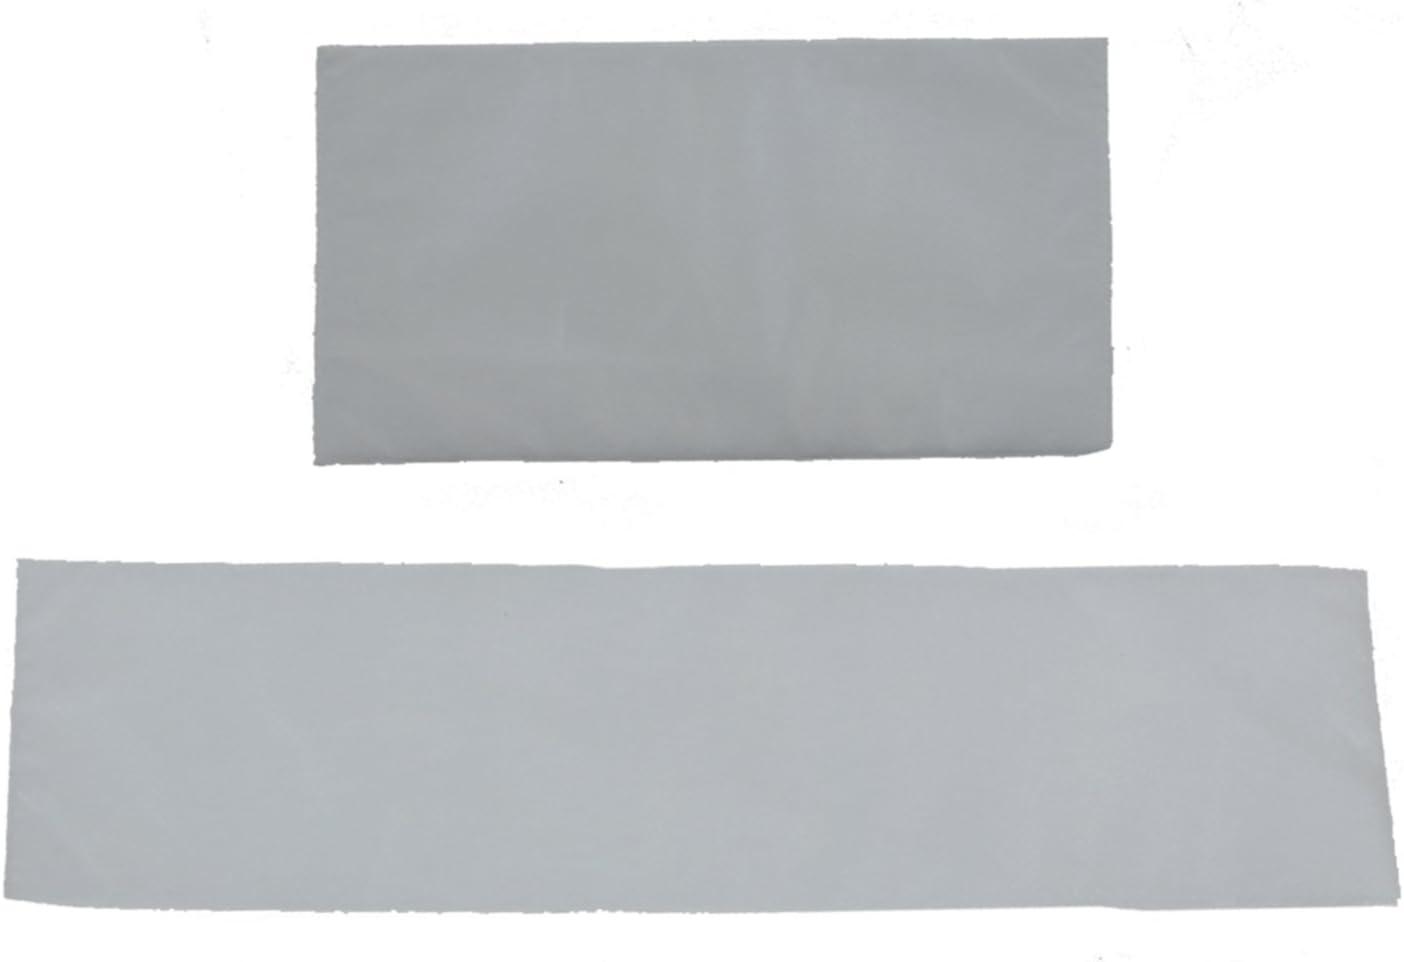 87 sacchetti per Blomberg cv1200 cv1400 Aspirapolvere 5 x 01